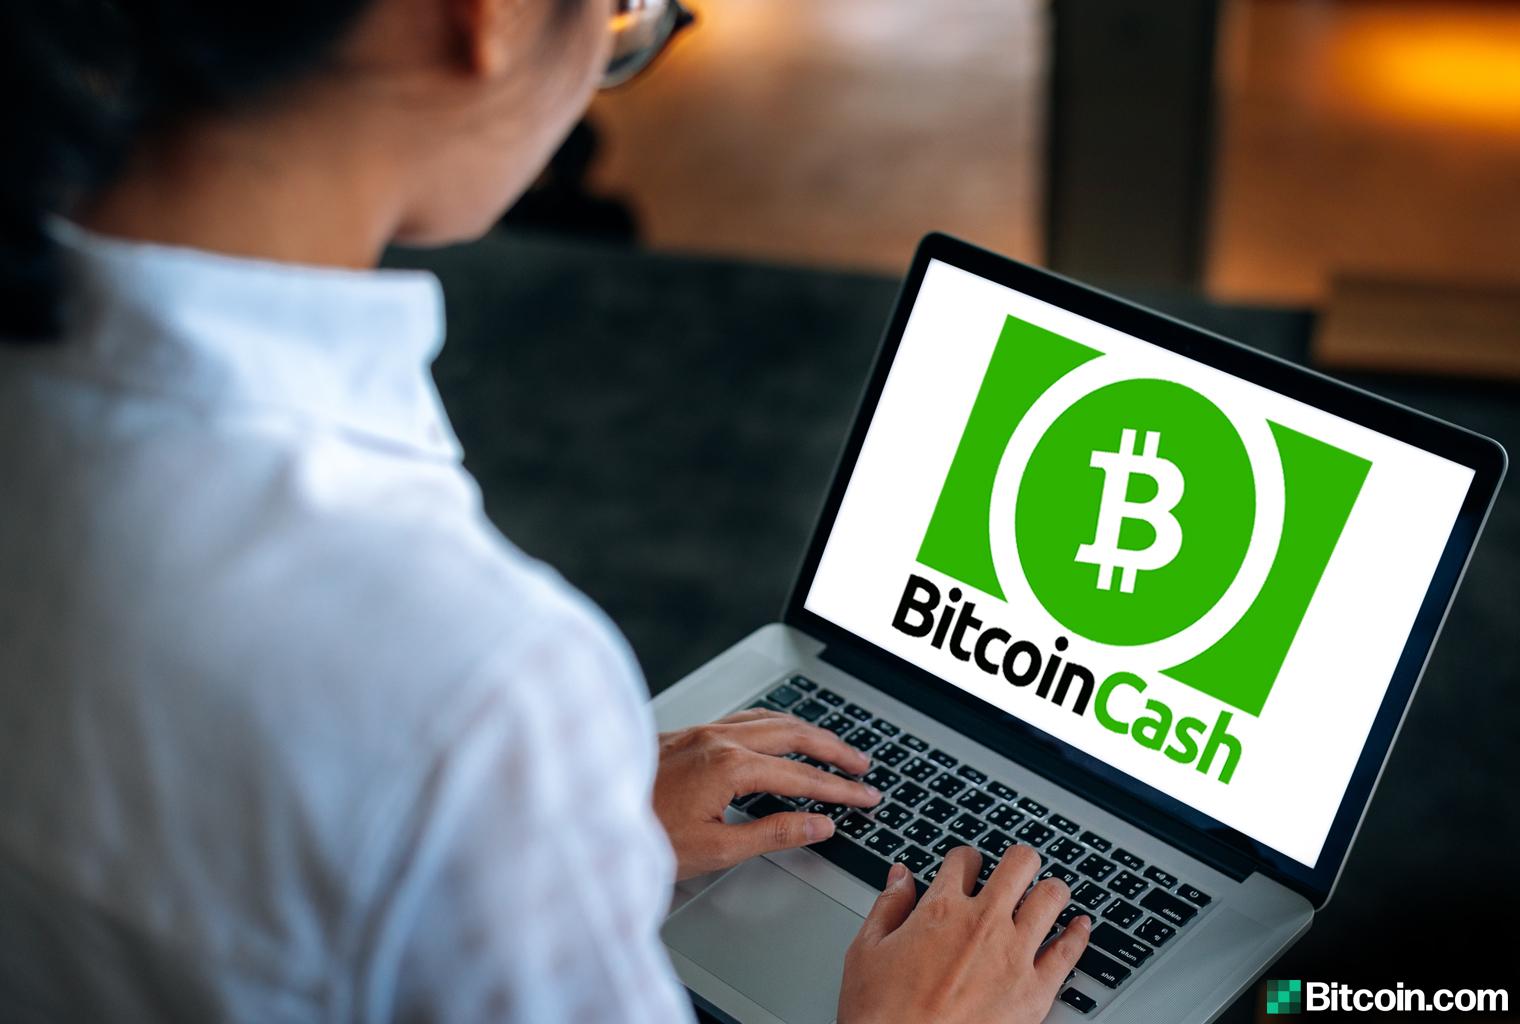 """El nuevo proyecto de Bitcoin Verde tiene como objetivo promover la diversidad del nodo de minería de efectivo de Bitcoin"""" width = """"1520"""" height = """"1024"""" srcset = """"https: //news.bitcoin. com / wp-content / uploads / 2020/02 / jsoodoodoododoo.jpg 1520w, https://news.bitcoin.com/wp-content/uploads/2020/02/jsoodoodoododoo-300x202.jpg 300w, https: // noticias. bitcoin.com/wp-content/uploads/2020/02/jsoodoodoododoo-1024x690.jpg 1024w, https://news.bitcoin.com/wp-content/uploads/2020/02/jsoodoodoododoo-768x517.jpg 768w, https: //news.bitcoin.com/wp-content/uploads/2020/02/jsoodoodoododoo-696x469.jpg 696w, https://news.bitcoin.com/wp-content/uploads/2020/02/jsoodoodoododoo-1392x938.jpg 1392w, https://news.bitcoin.com/wp-content/uploads/2020/02/jsoodoodoododoo-1068x719.jpg 1068w, https://news.bitcoin.com/wp-content/uploads/2020/02/jsoodoodoododoo -623x420.jpg 623w, https://news.bitcoin.com/wp-content/uploads/2020/02/jsoodoodoododoo-190x128.jpg 190w, https://news.bitcoin.com/wp-co ntent / uploads / 2020/02 / jsoodoodoododoo-380x256.jpg 380w, https://news.bitcoin.com/wp-content/uploads/2020/02/jsoodoodoododoo-760x512.jpg 760w """"tamaños ="""" (ancho máximo: 1520px) 100vw, 1520px"""